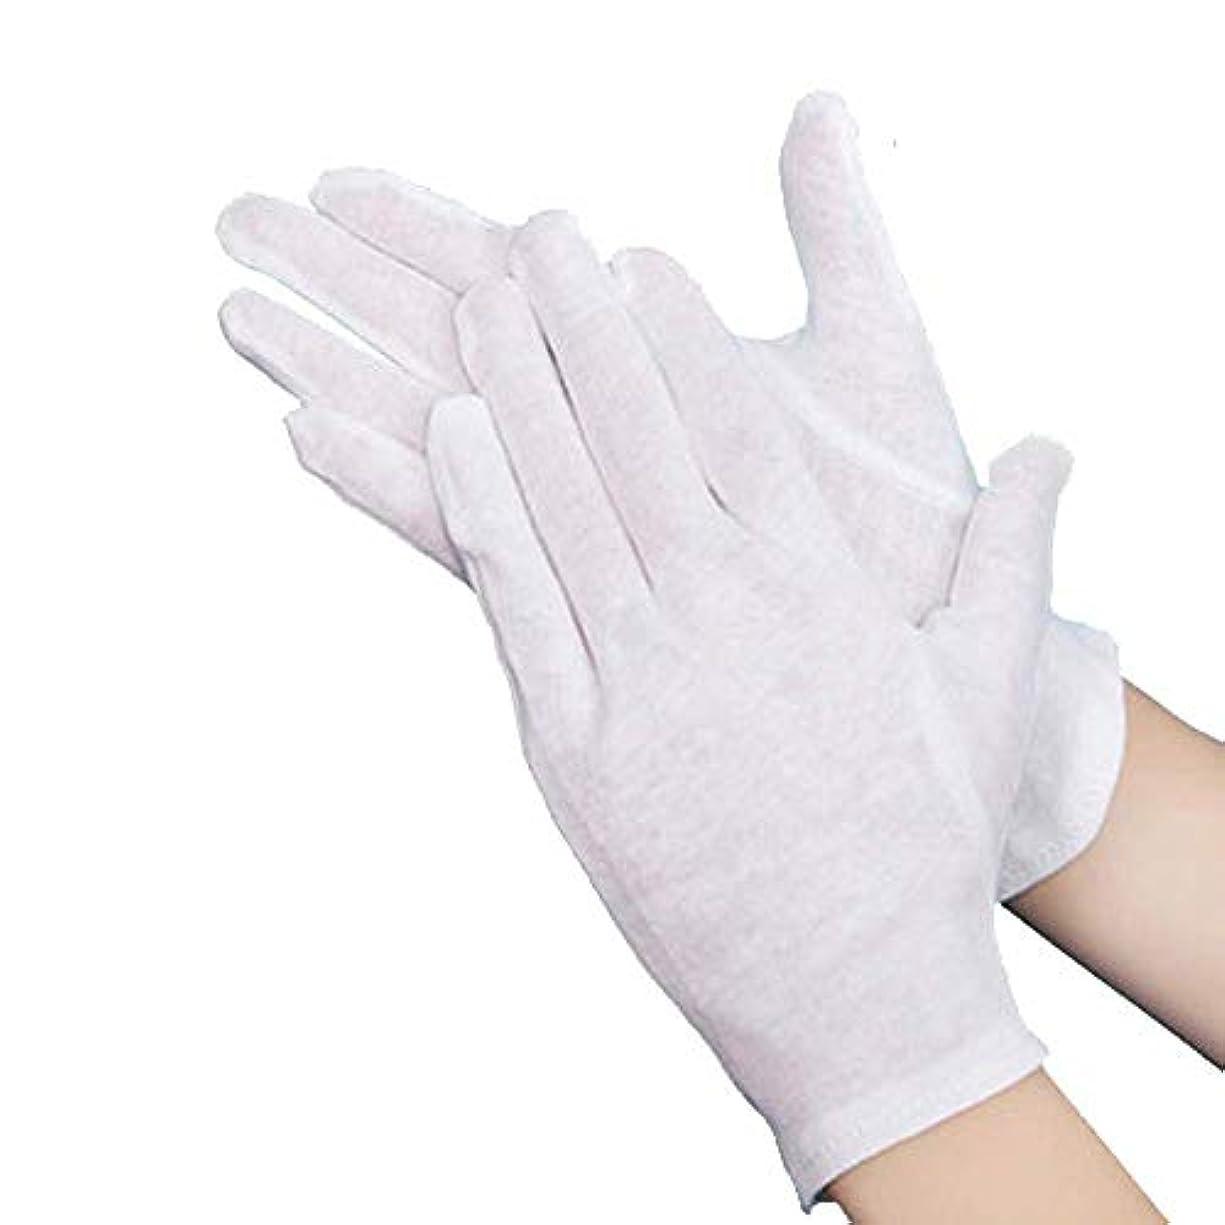 不適切な換気二週間10双組 M トン手袋 綿手袋 通気性